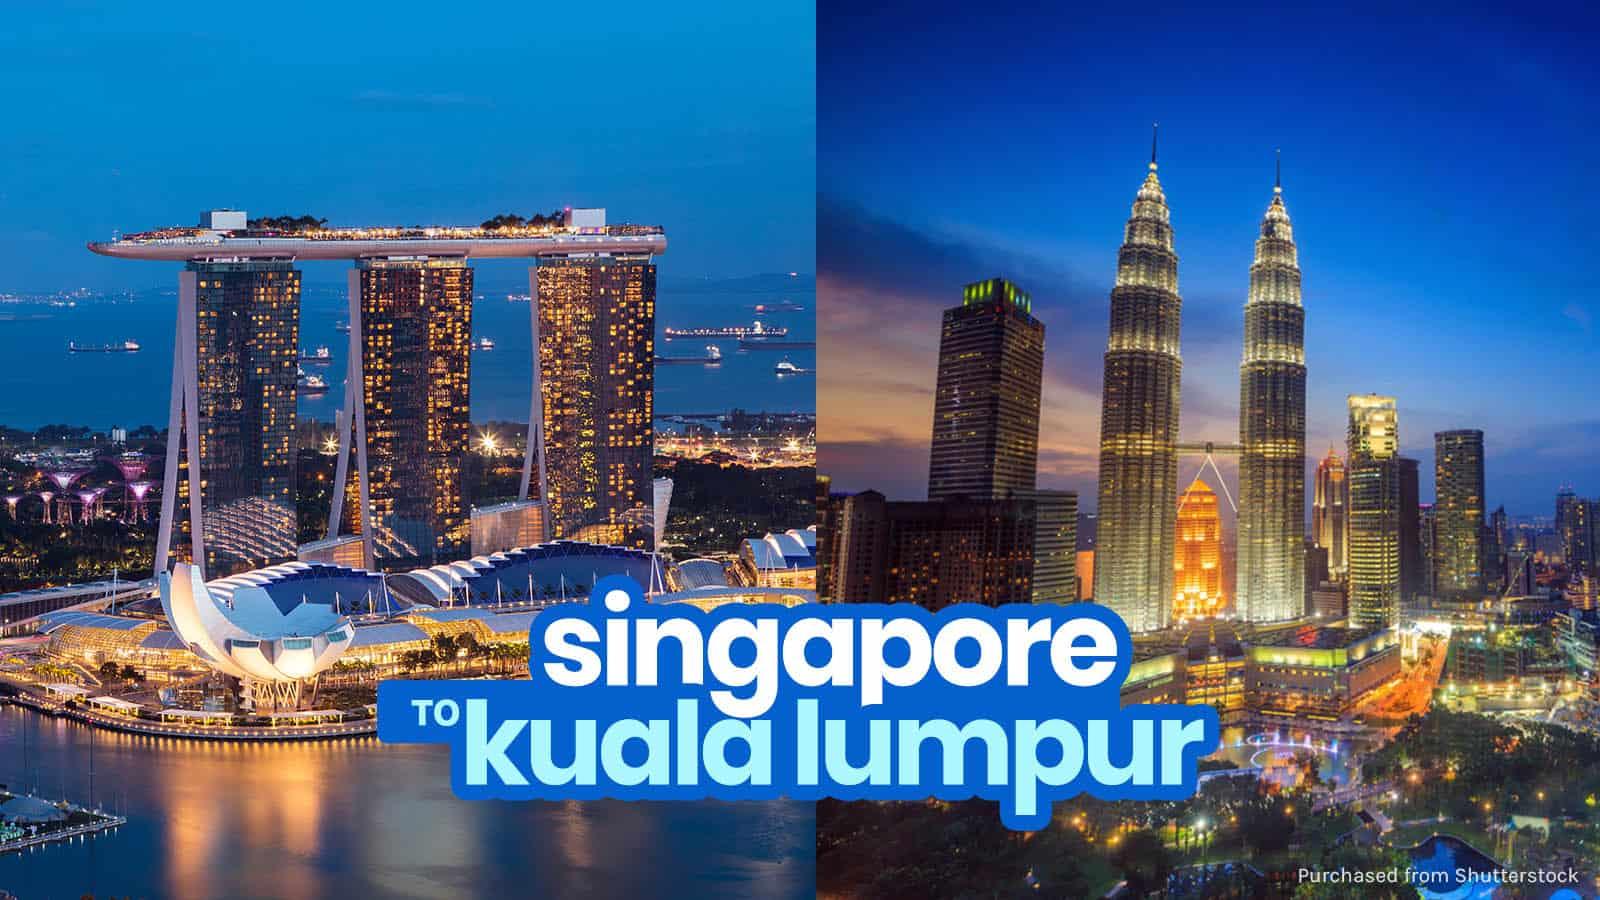 新加坡到吉隆坡的巴士或火车:越过边境   穷游者的行程博客